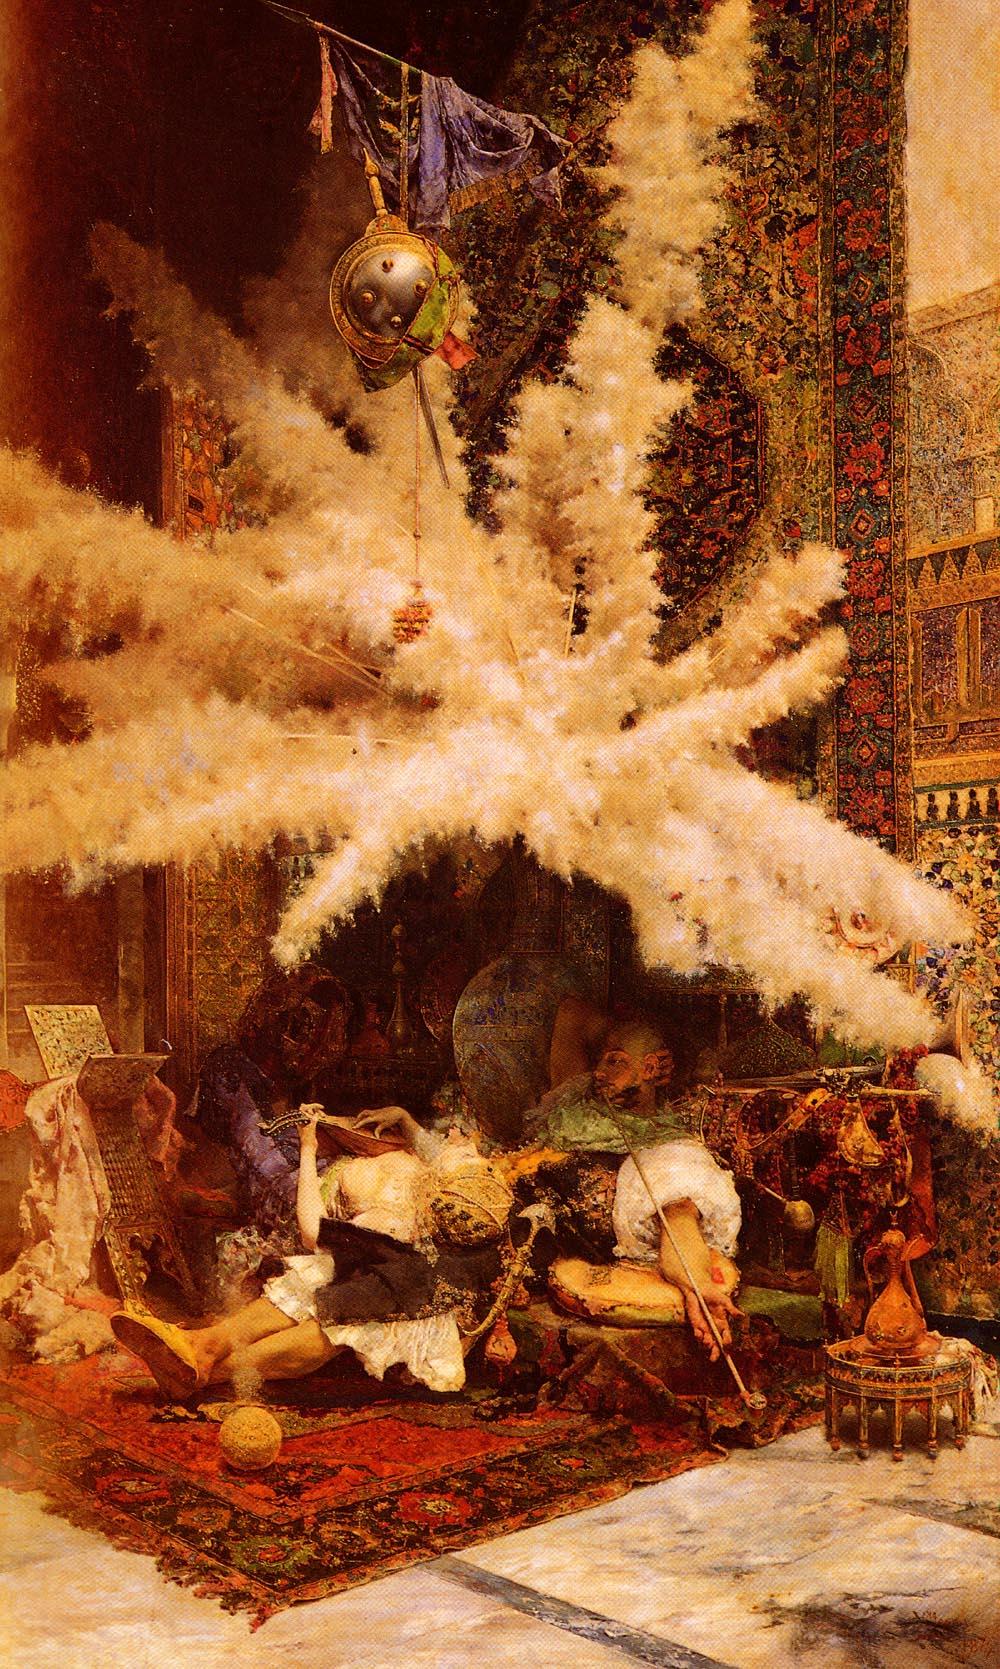 The Siesta :: Jose Villegas y Cordero - scenes of Oriental life (Orientalism) in art and painting ôîòî